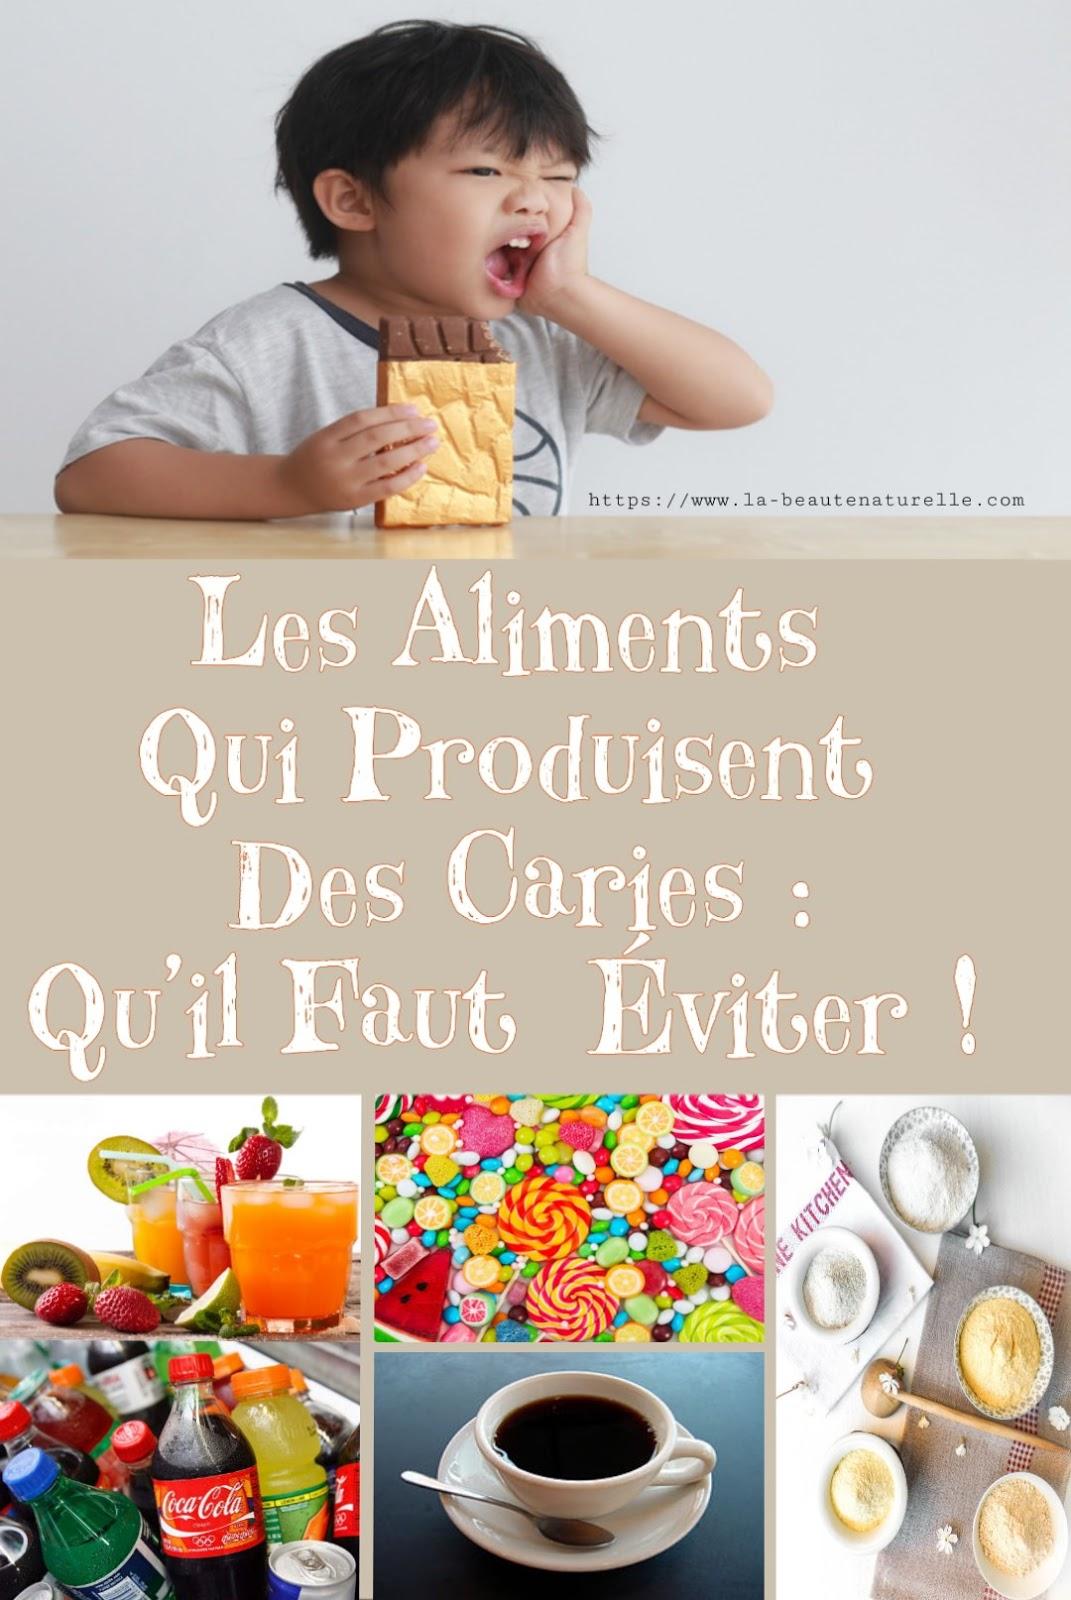 Les Aliments Qui Produisent Des Caries : Qu'il Faut Éviter !